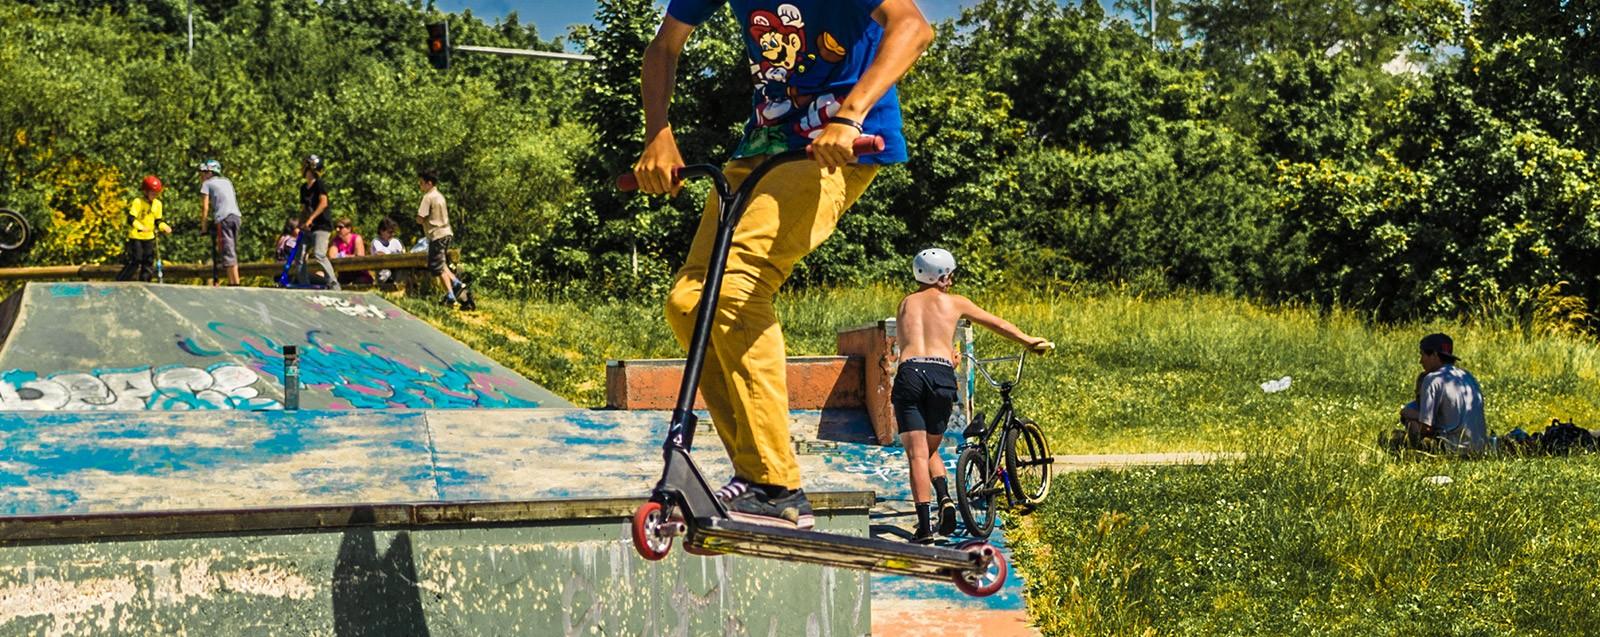 Skate Park, espace Perredière équipements sportifs Villefontaine